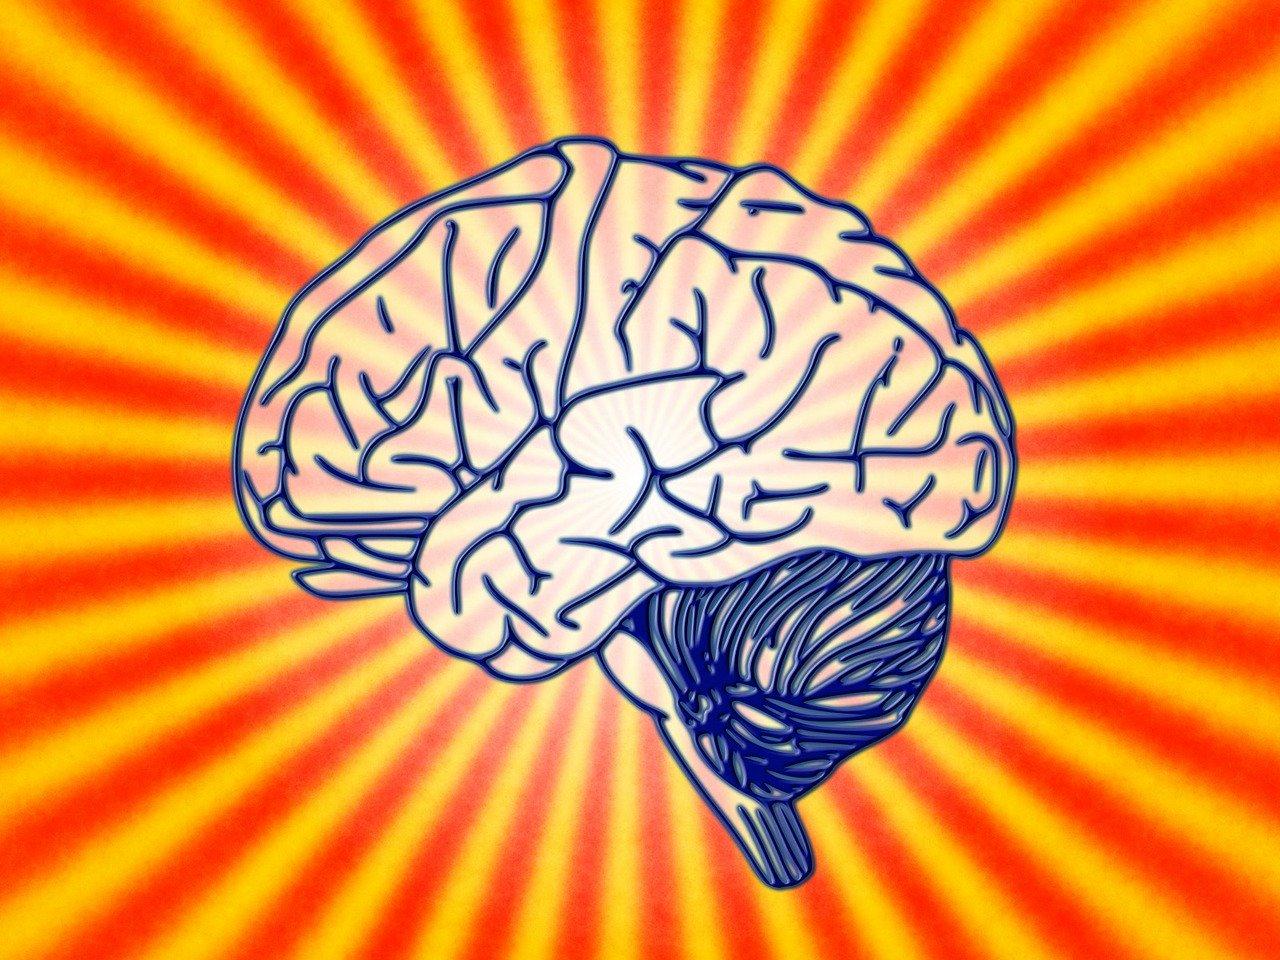 Тест накругозор: Разминка для мозга из15сложных вопросов обо всём насвете